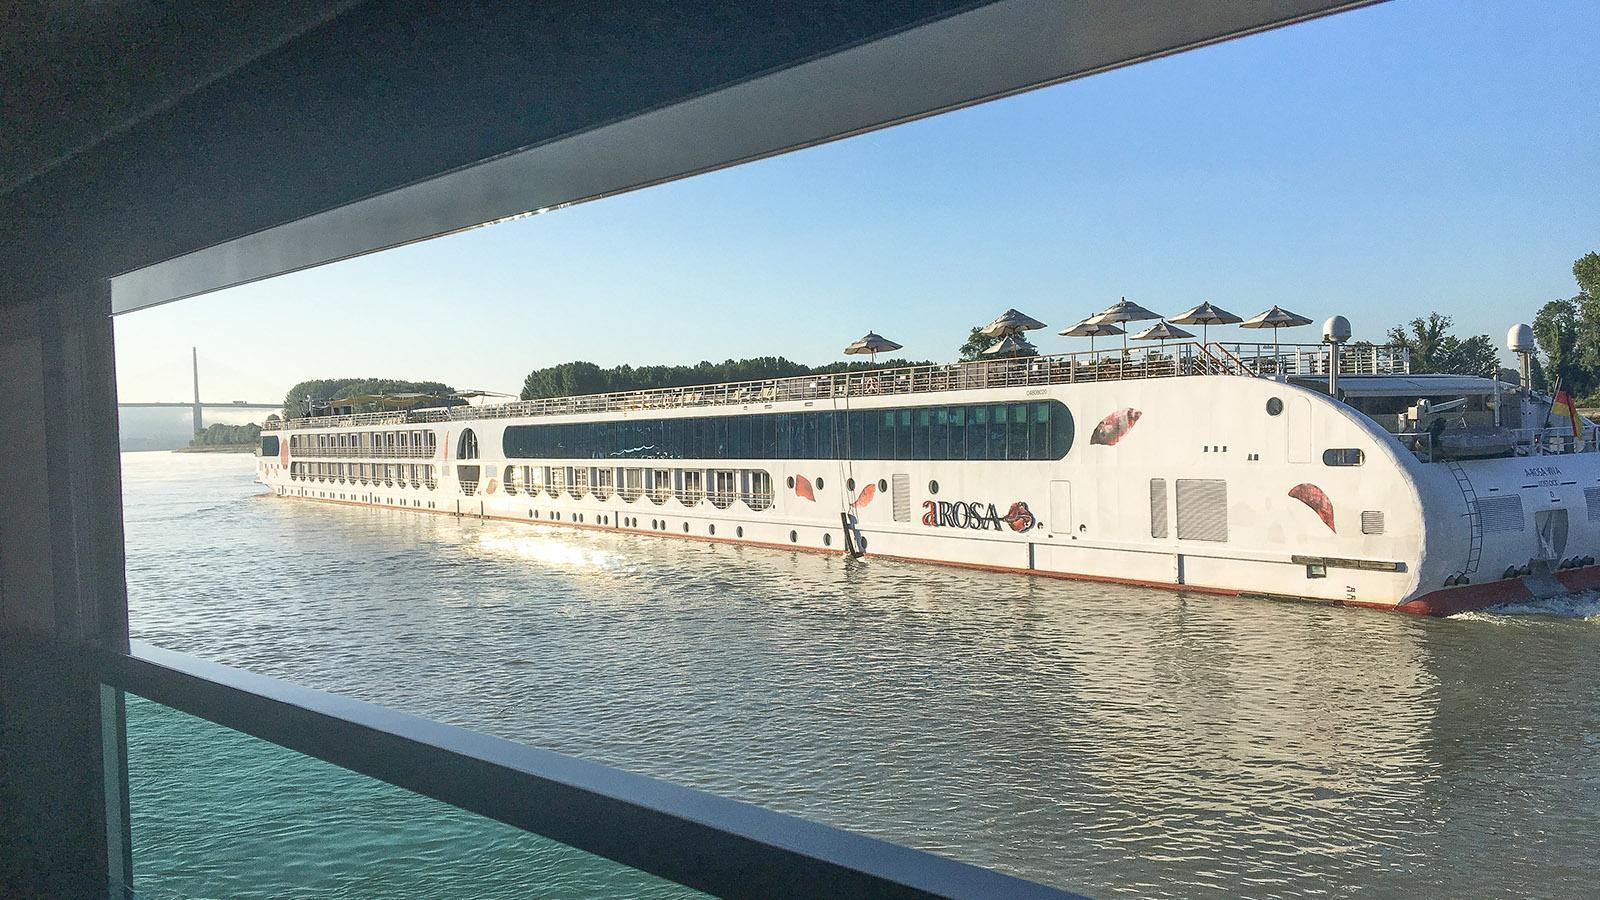 Seine-Comtesse-Kreuzfahrt. Unser Päckchen-Partner: ein A-ROSA-Flussschiff. Foto: Hilke Maunder